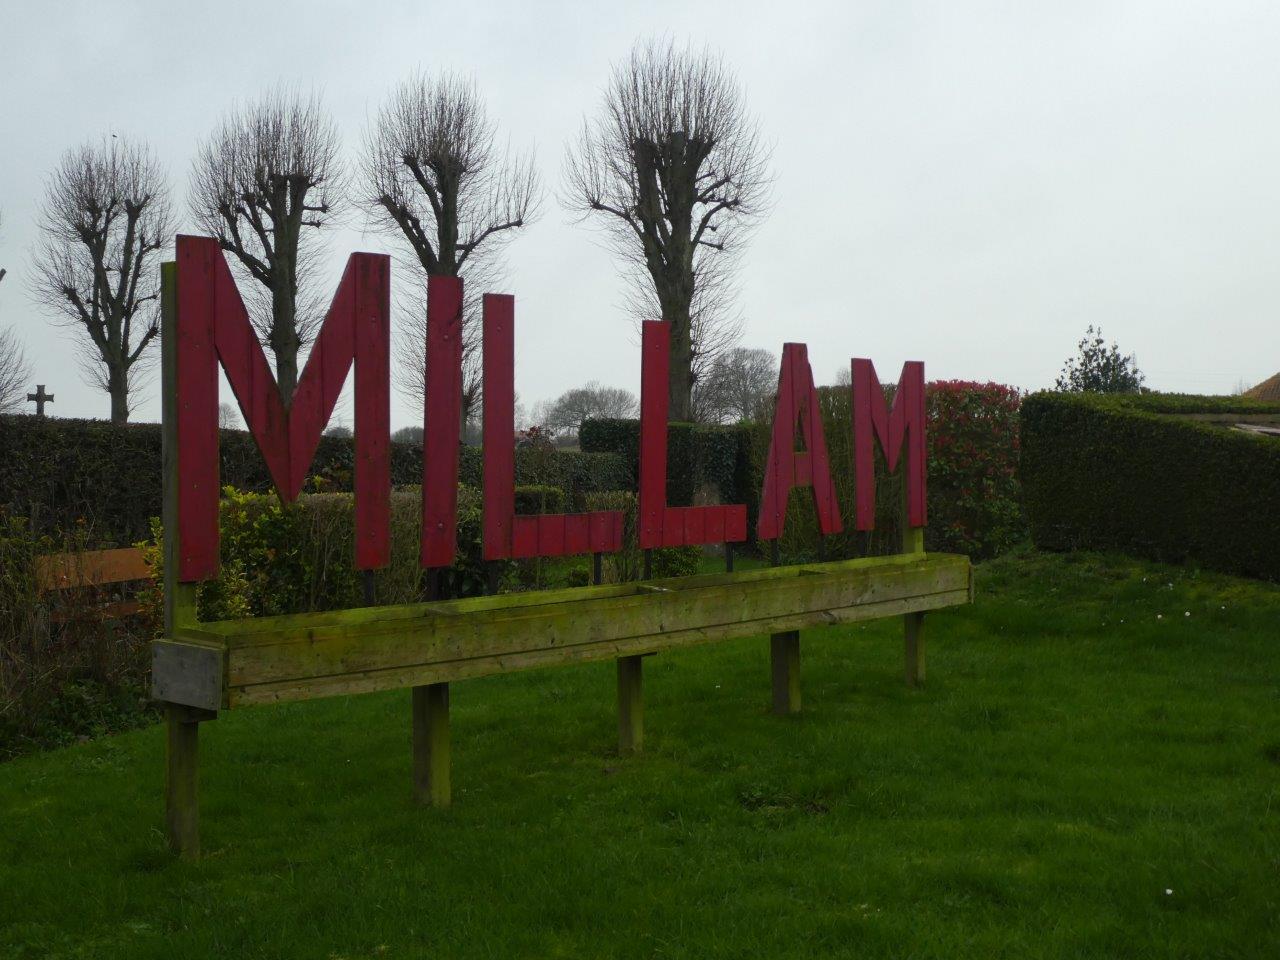 Millam_AD (3)